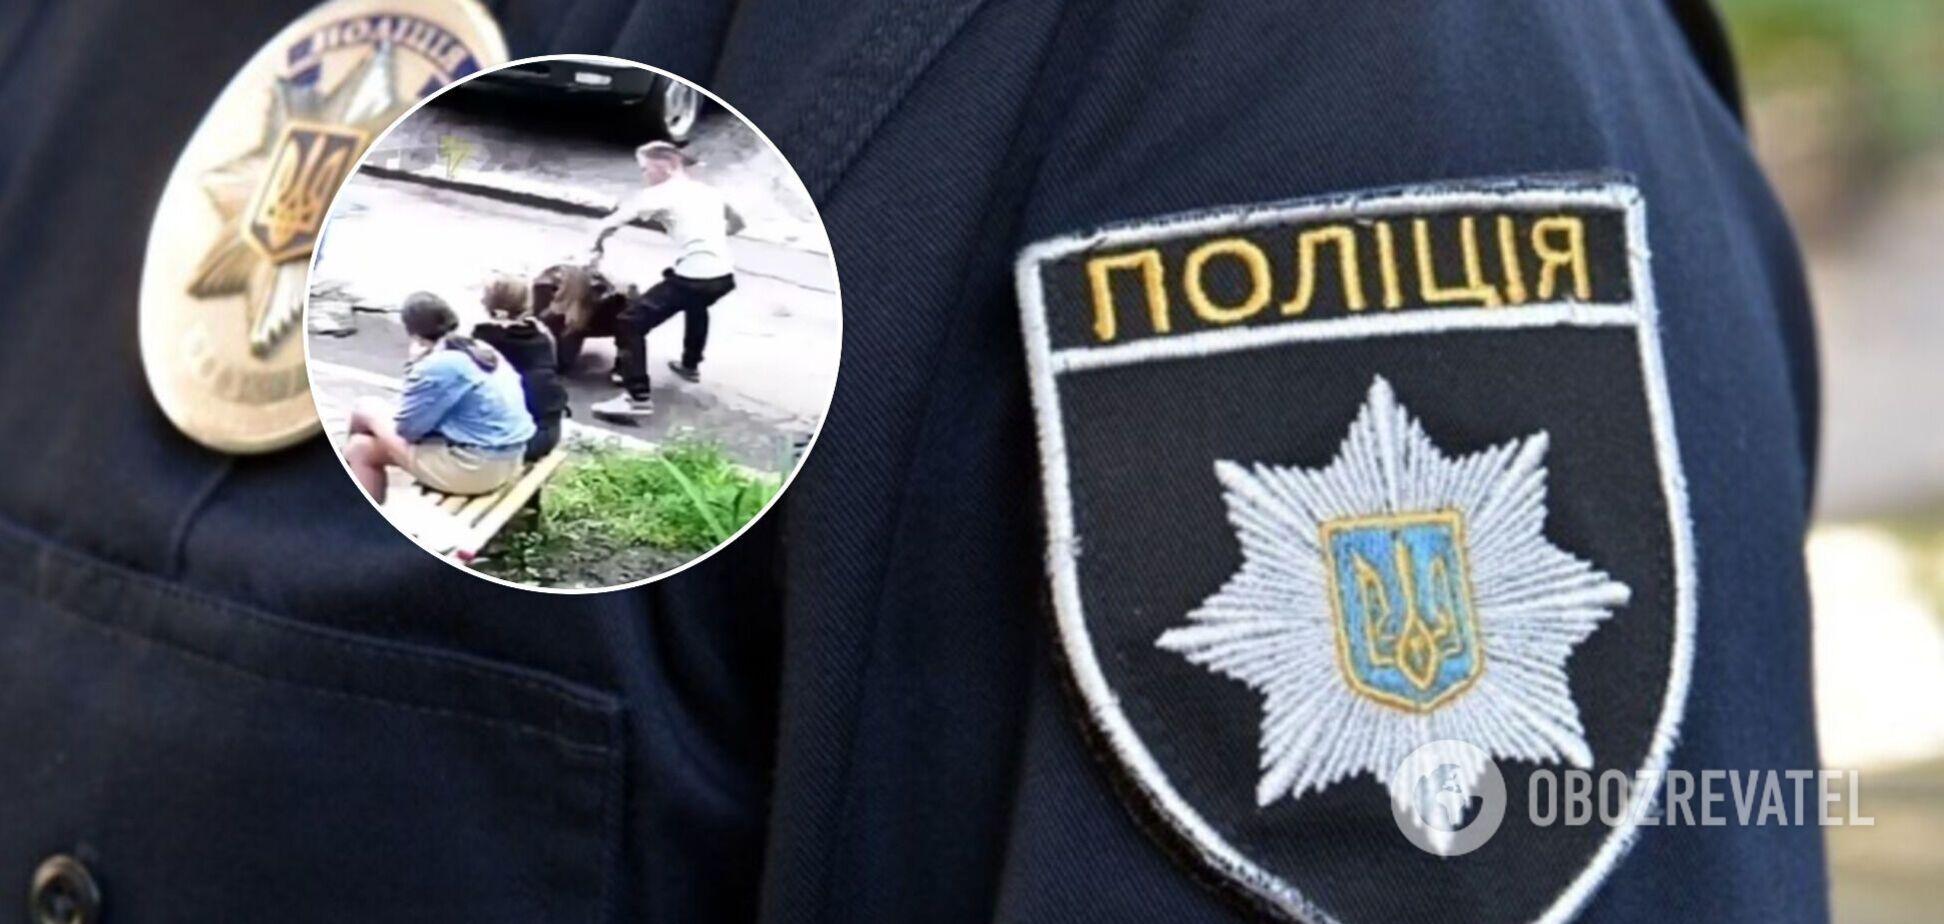 Побиття 14-річної дівчинки в Харкові: стало відомо, що загрожує кривднику